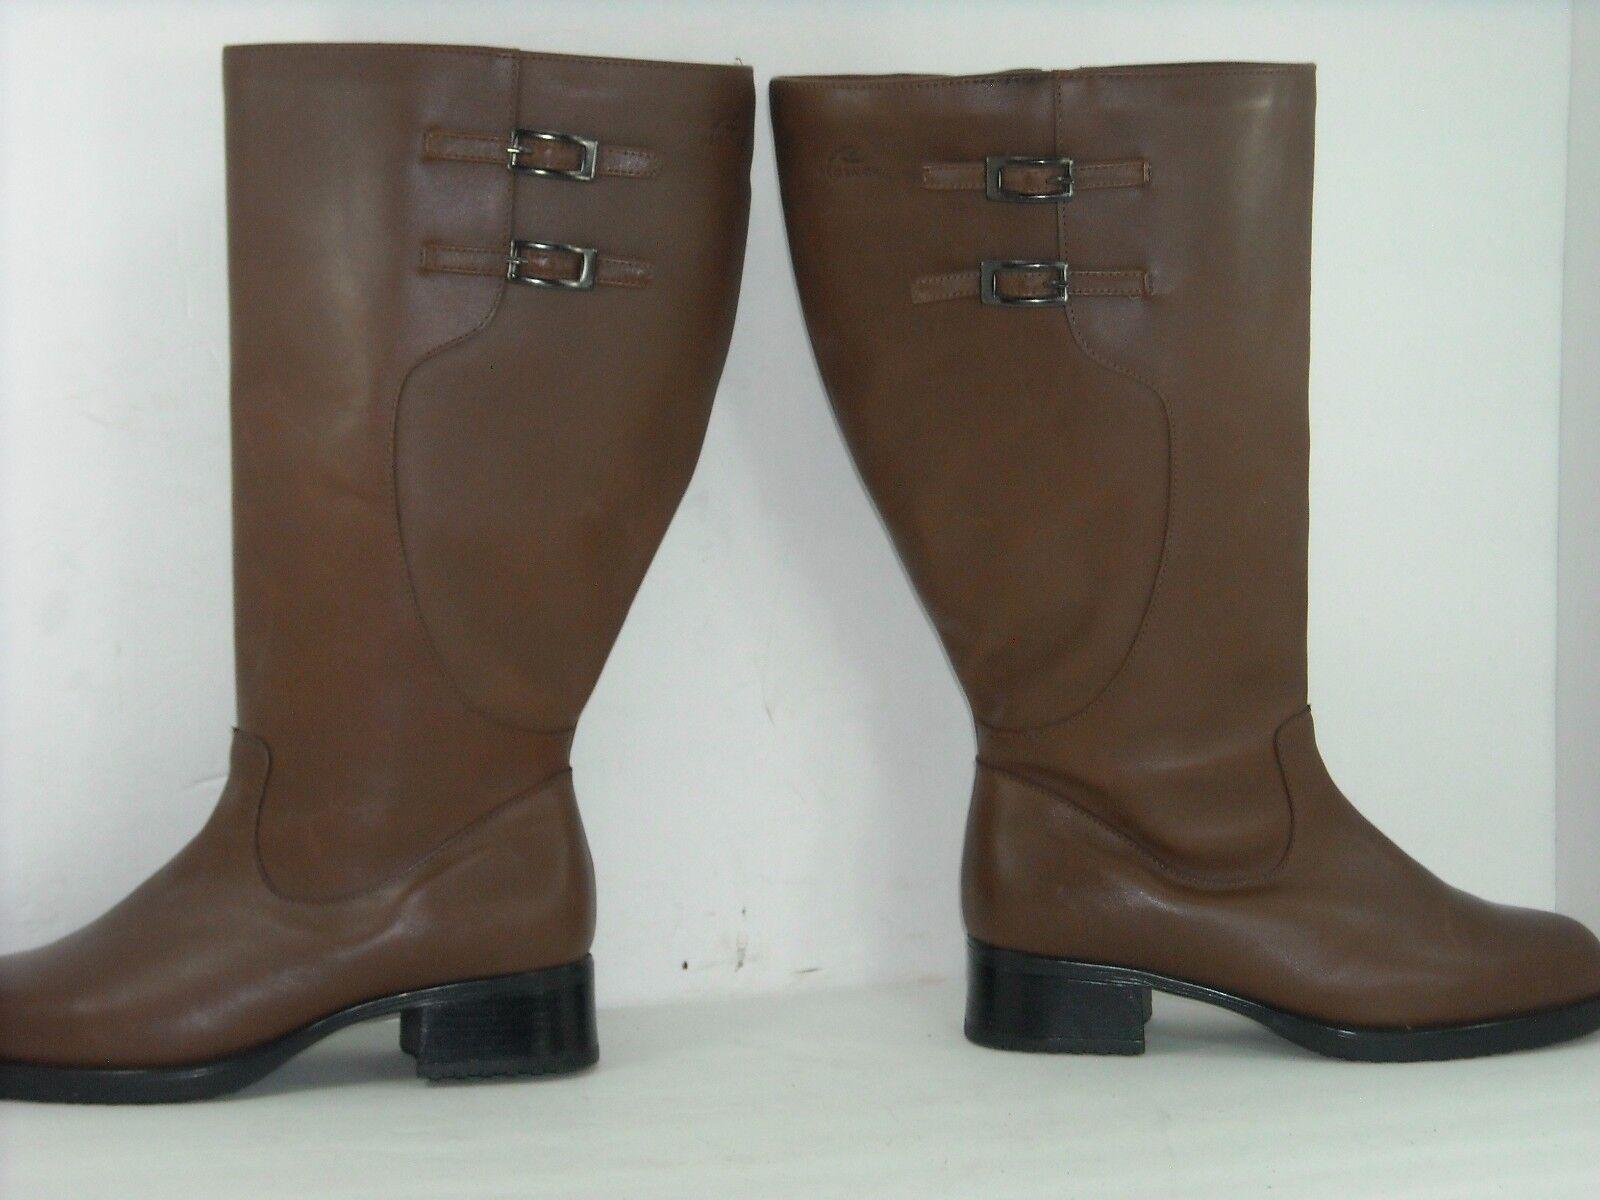 REGENCE Stiefel FLEECE BROWNS NEW SIZE 8 D FLEECE Stiefel INSIDE Damenschuhe WIDE efba47